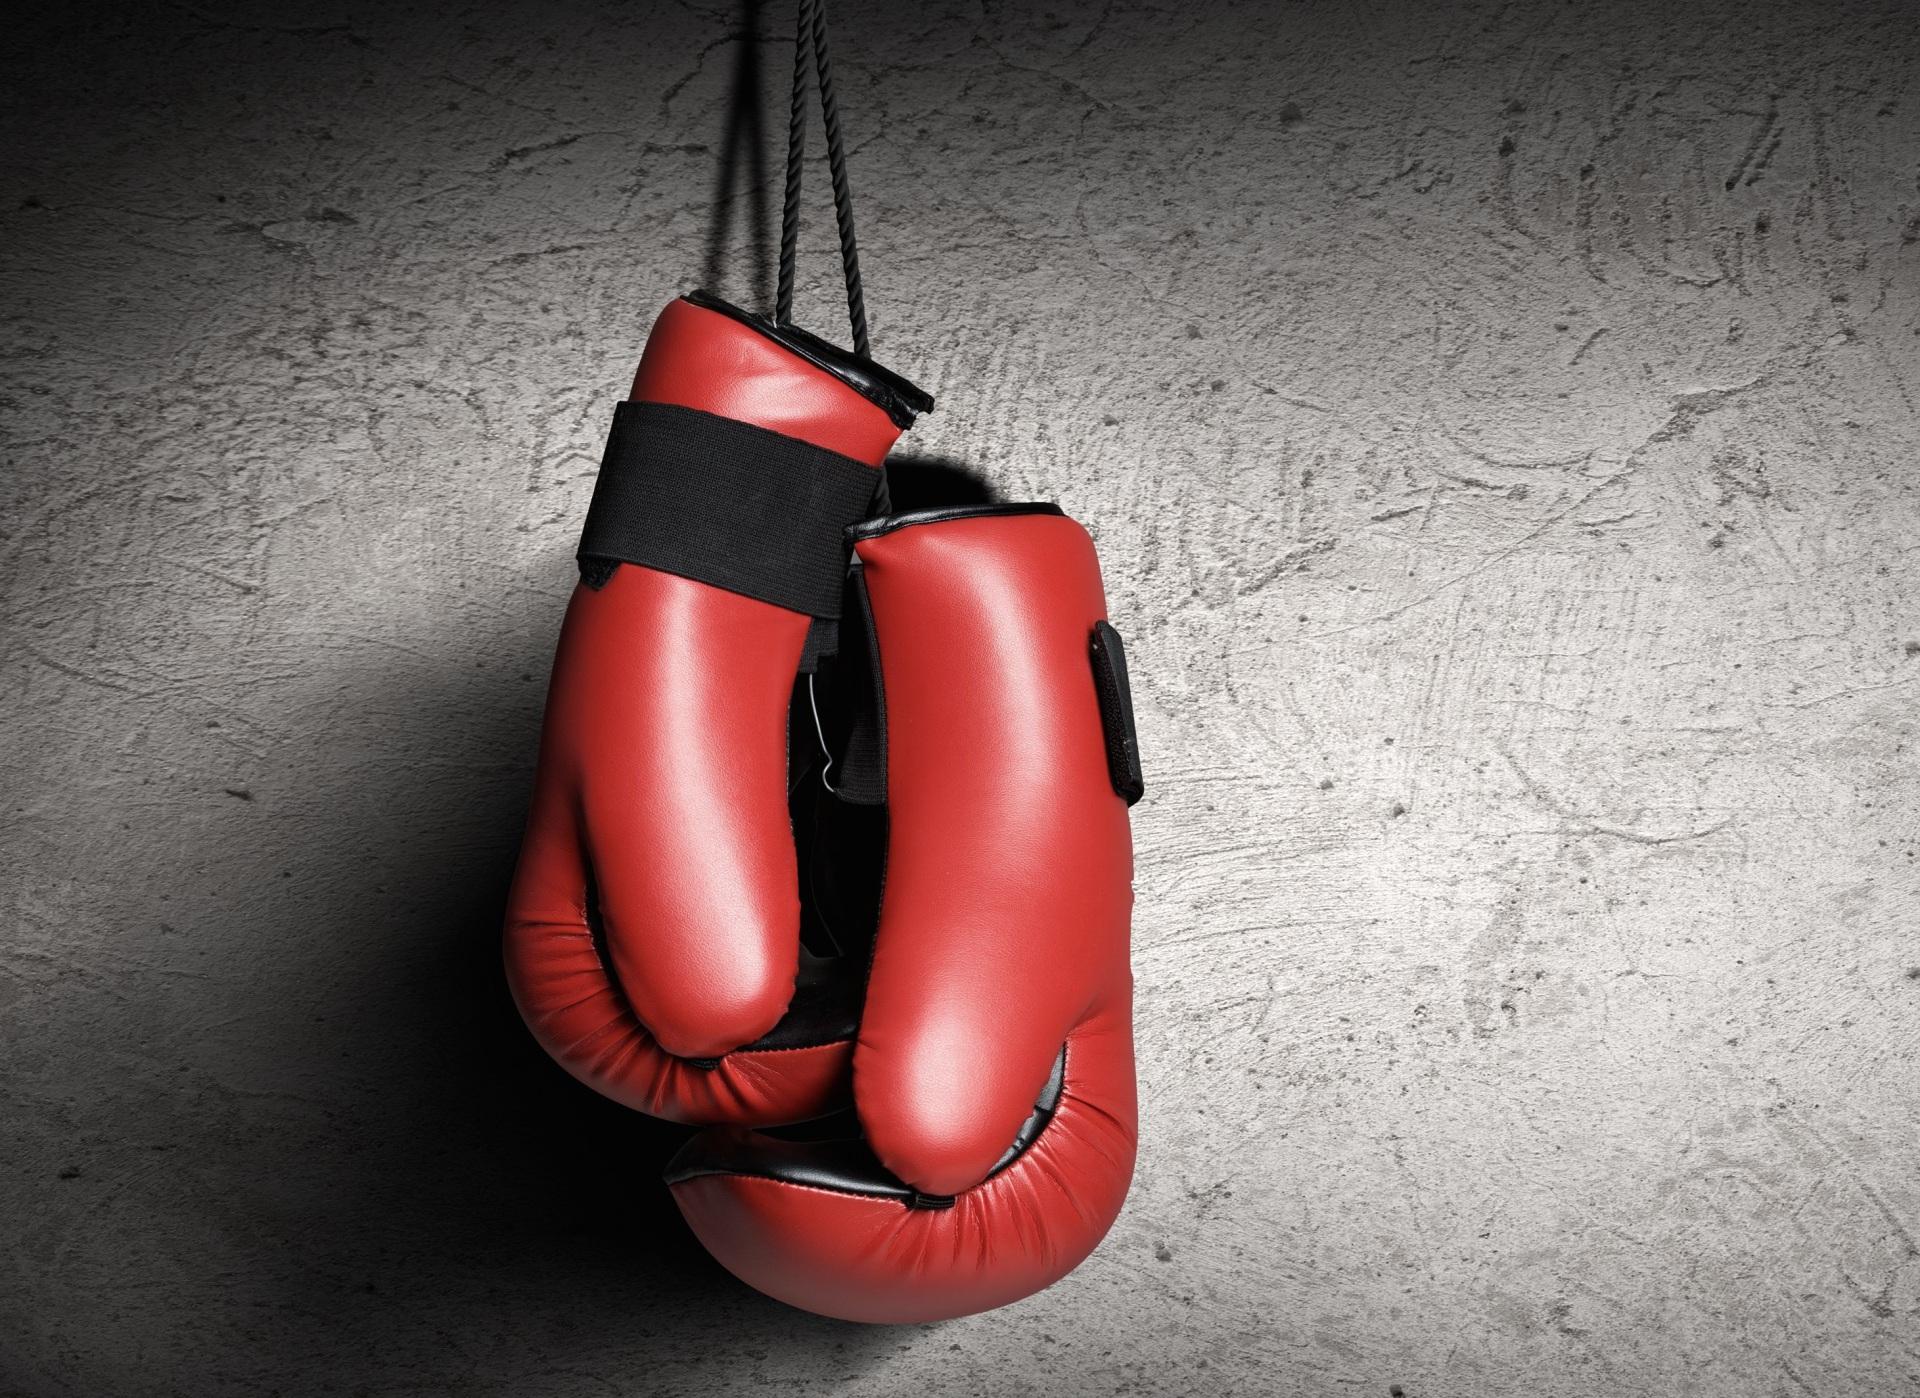 Пять боксеров представят Коми на Всероссийских соревнованиях в Санкт-Петербурге